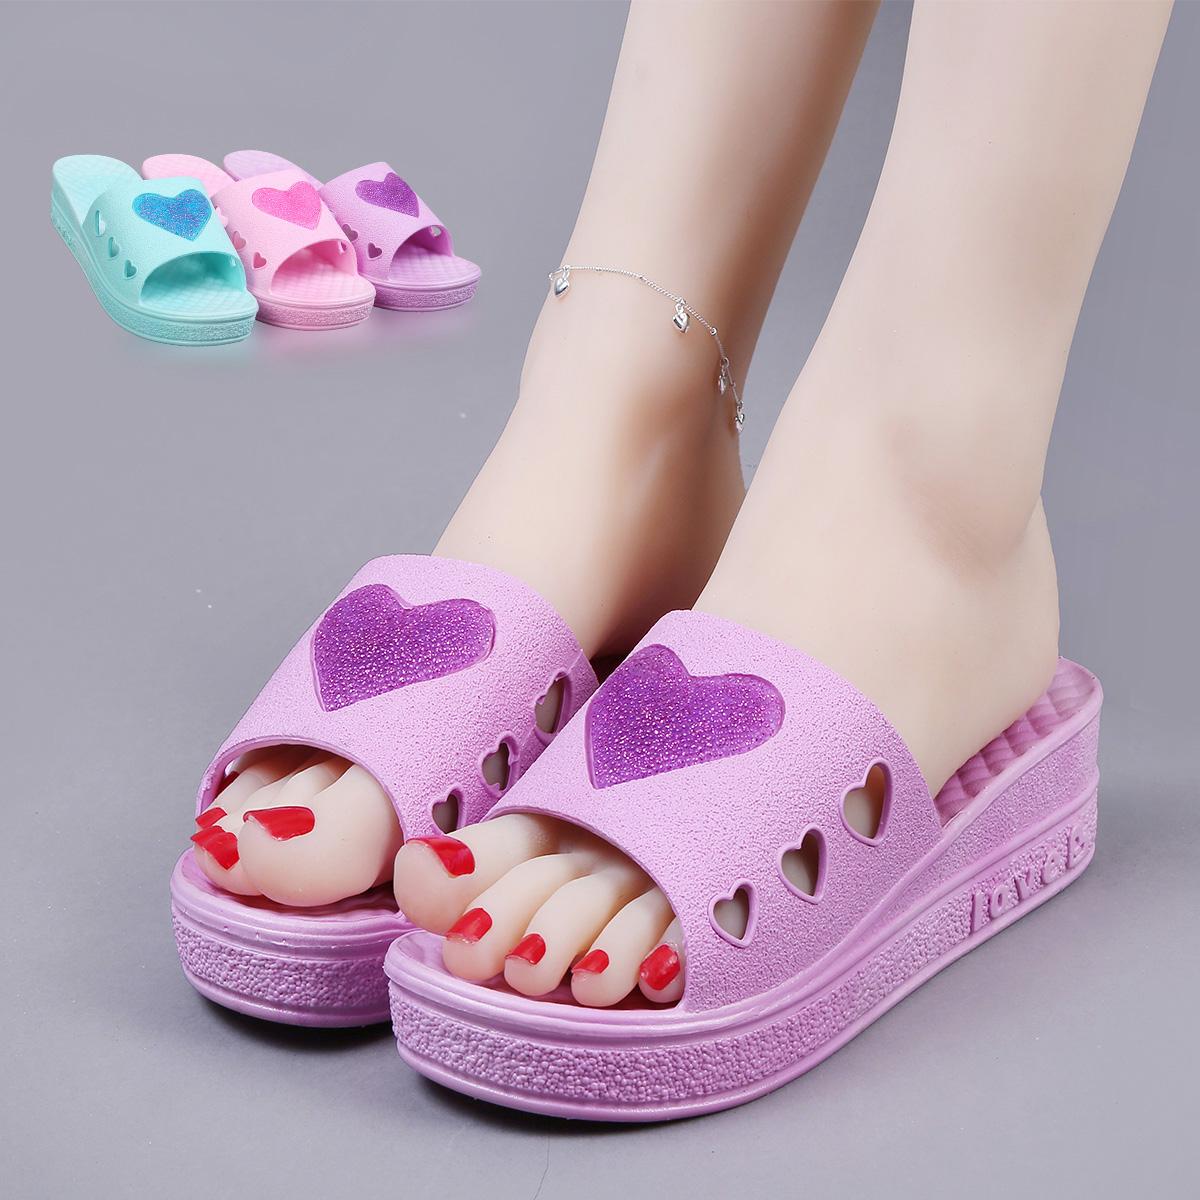 夏季拖鞋可爱居家室内厚底防滑凉拖鞋女坡跟高跟休闲一字拖沙滩鞋